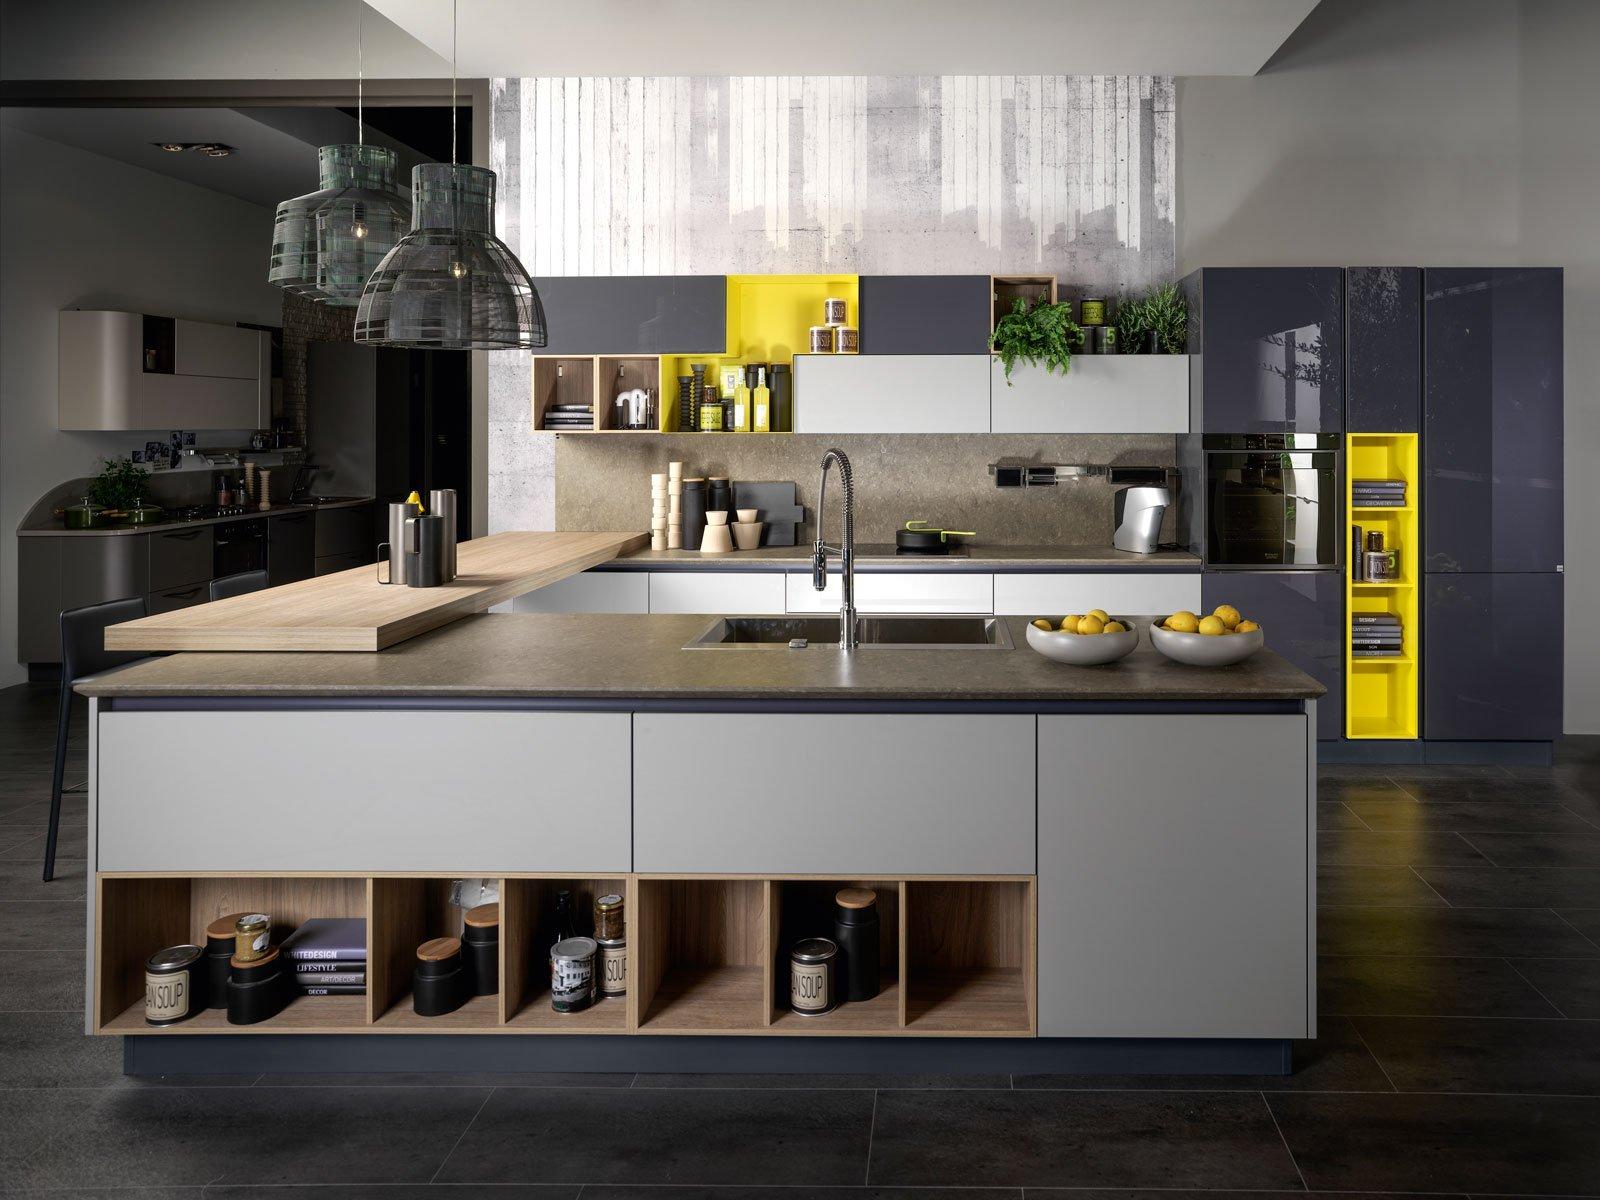 Cucine a isola un blocco centrale che coniuga estetica e funzionalit cose di casa - Isole da cucina ...